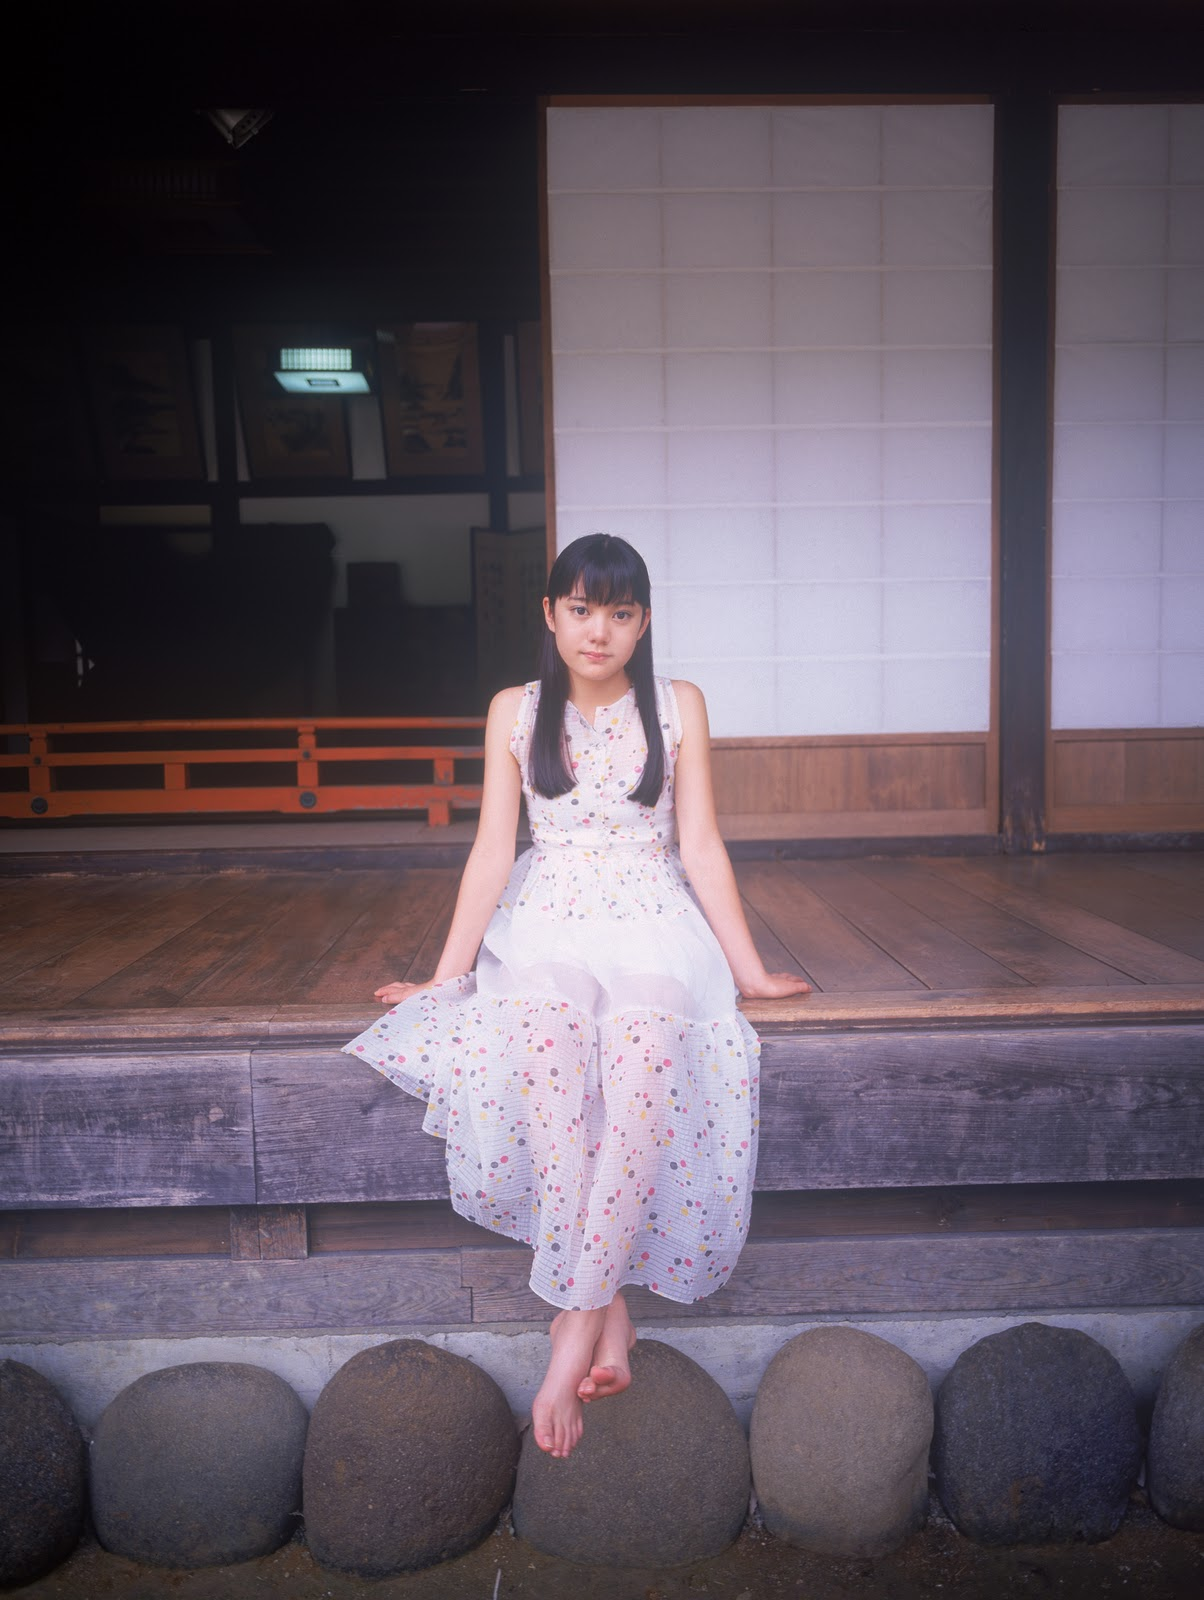 杏 (女優)の画像 p1_24